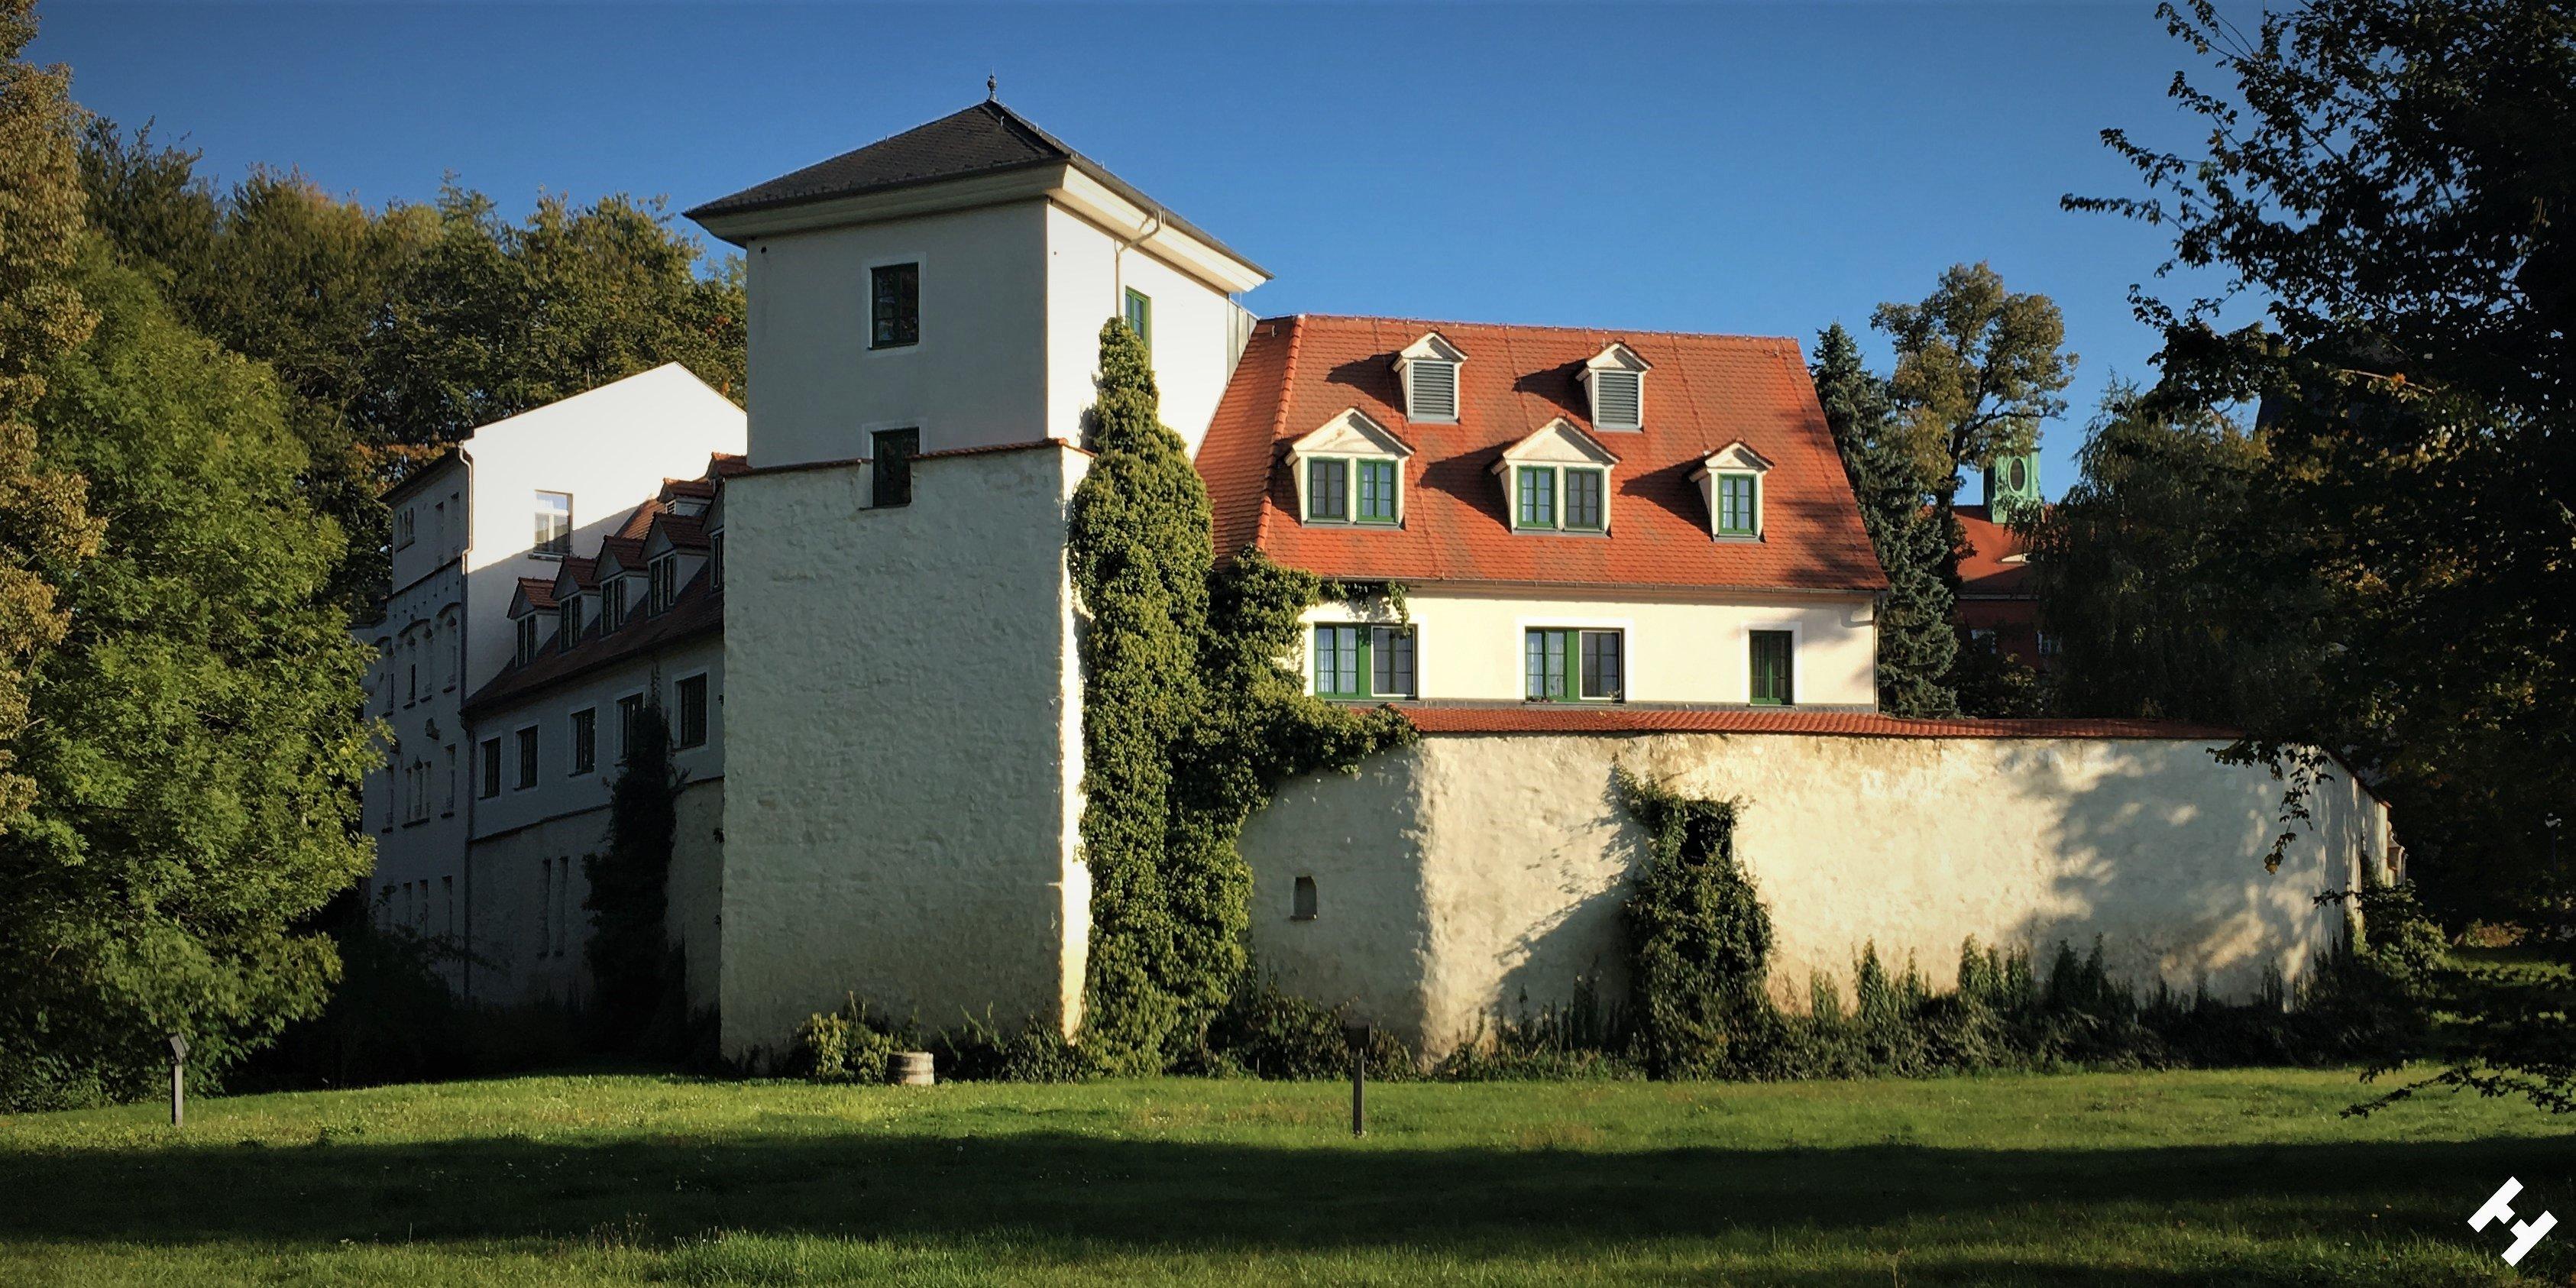 Schloss Schweinsburg als Burg Crimmitschau im Ensemble mit Schlosspark, Teich, Wohnhäusern und Türmen